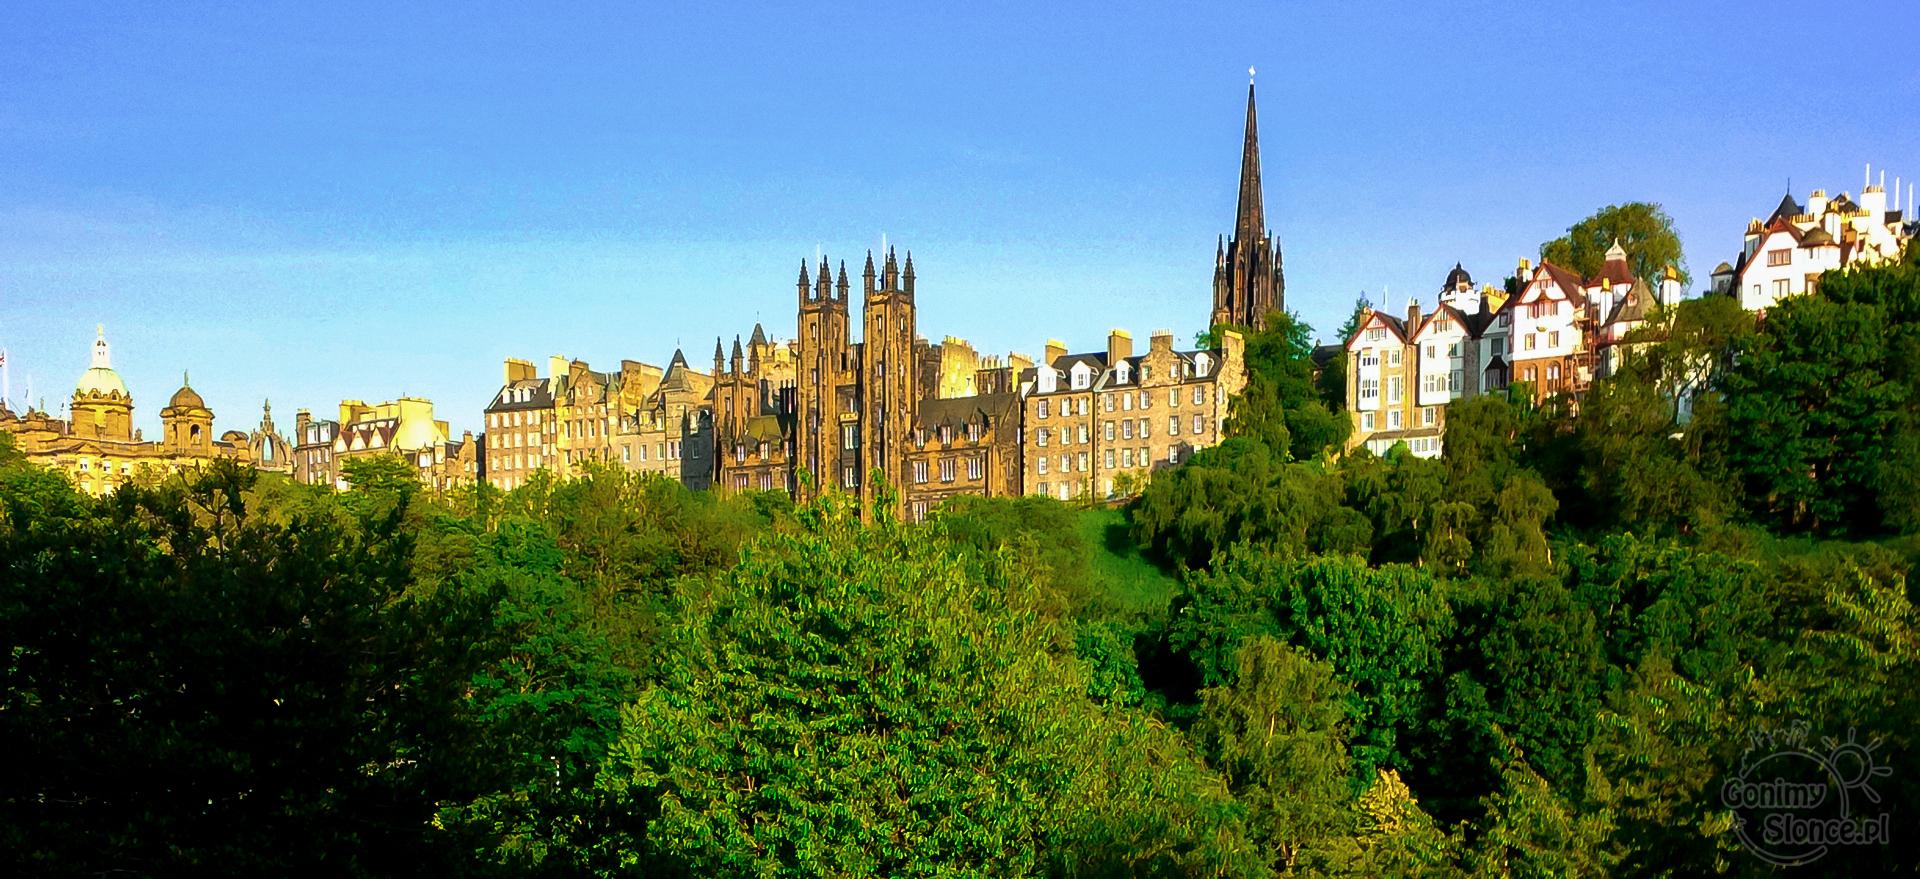 Edynburg, Stare Miasto, historyczna część stolicy Szkocji